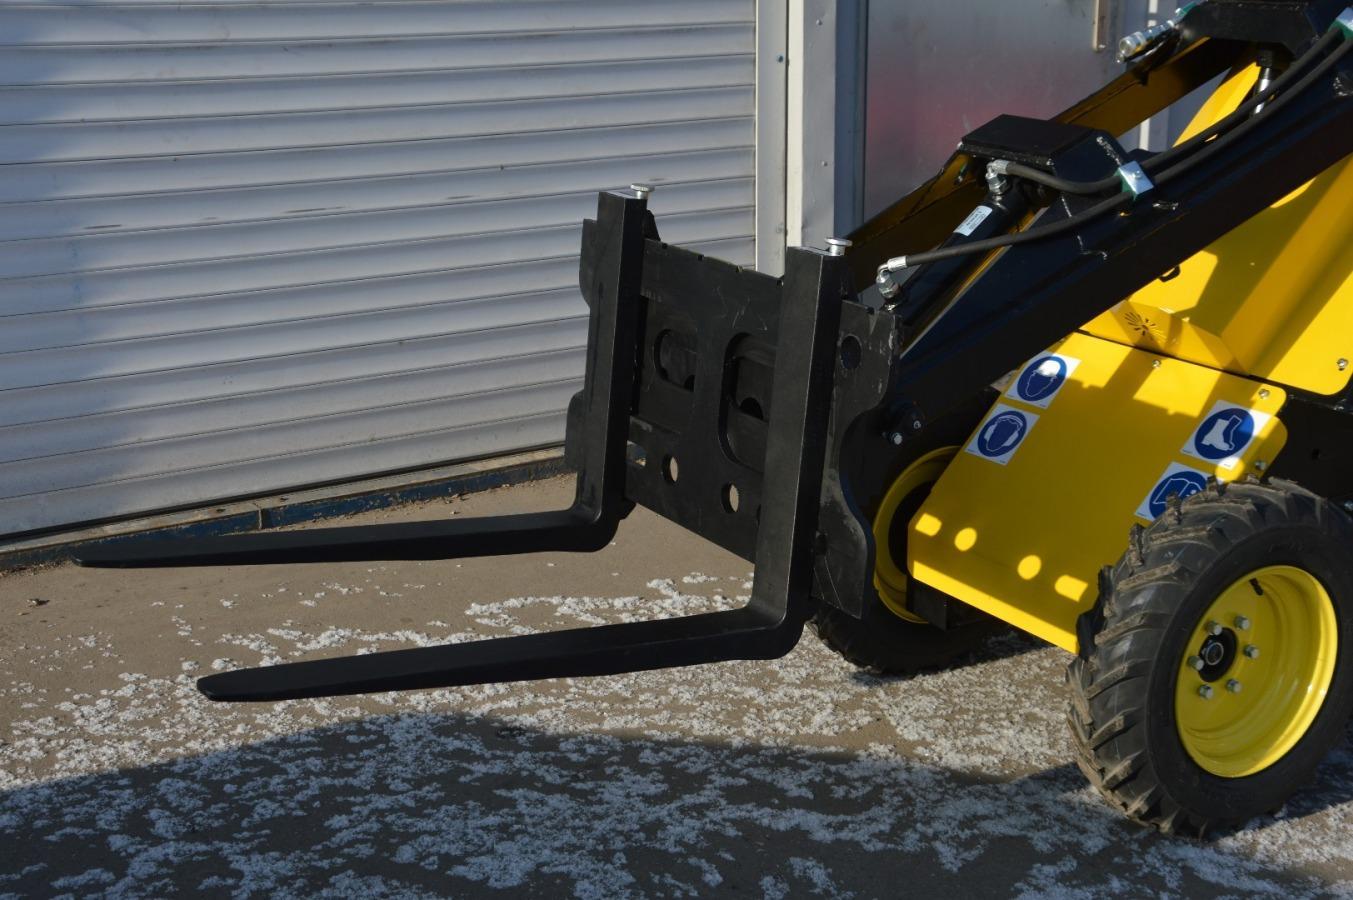 Skvelý silný a nekompromisný mini nakladač, ktorý využijete v stavebníctve, záhradníctve ale aj poľnohospodárstve a na farmách. - Obrázok č. 1